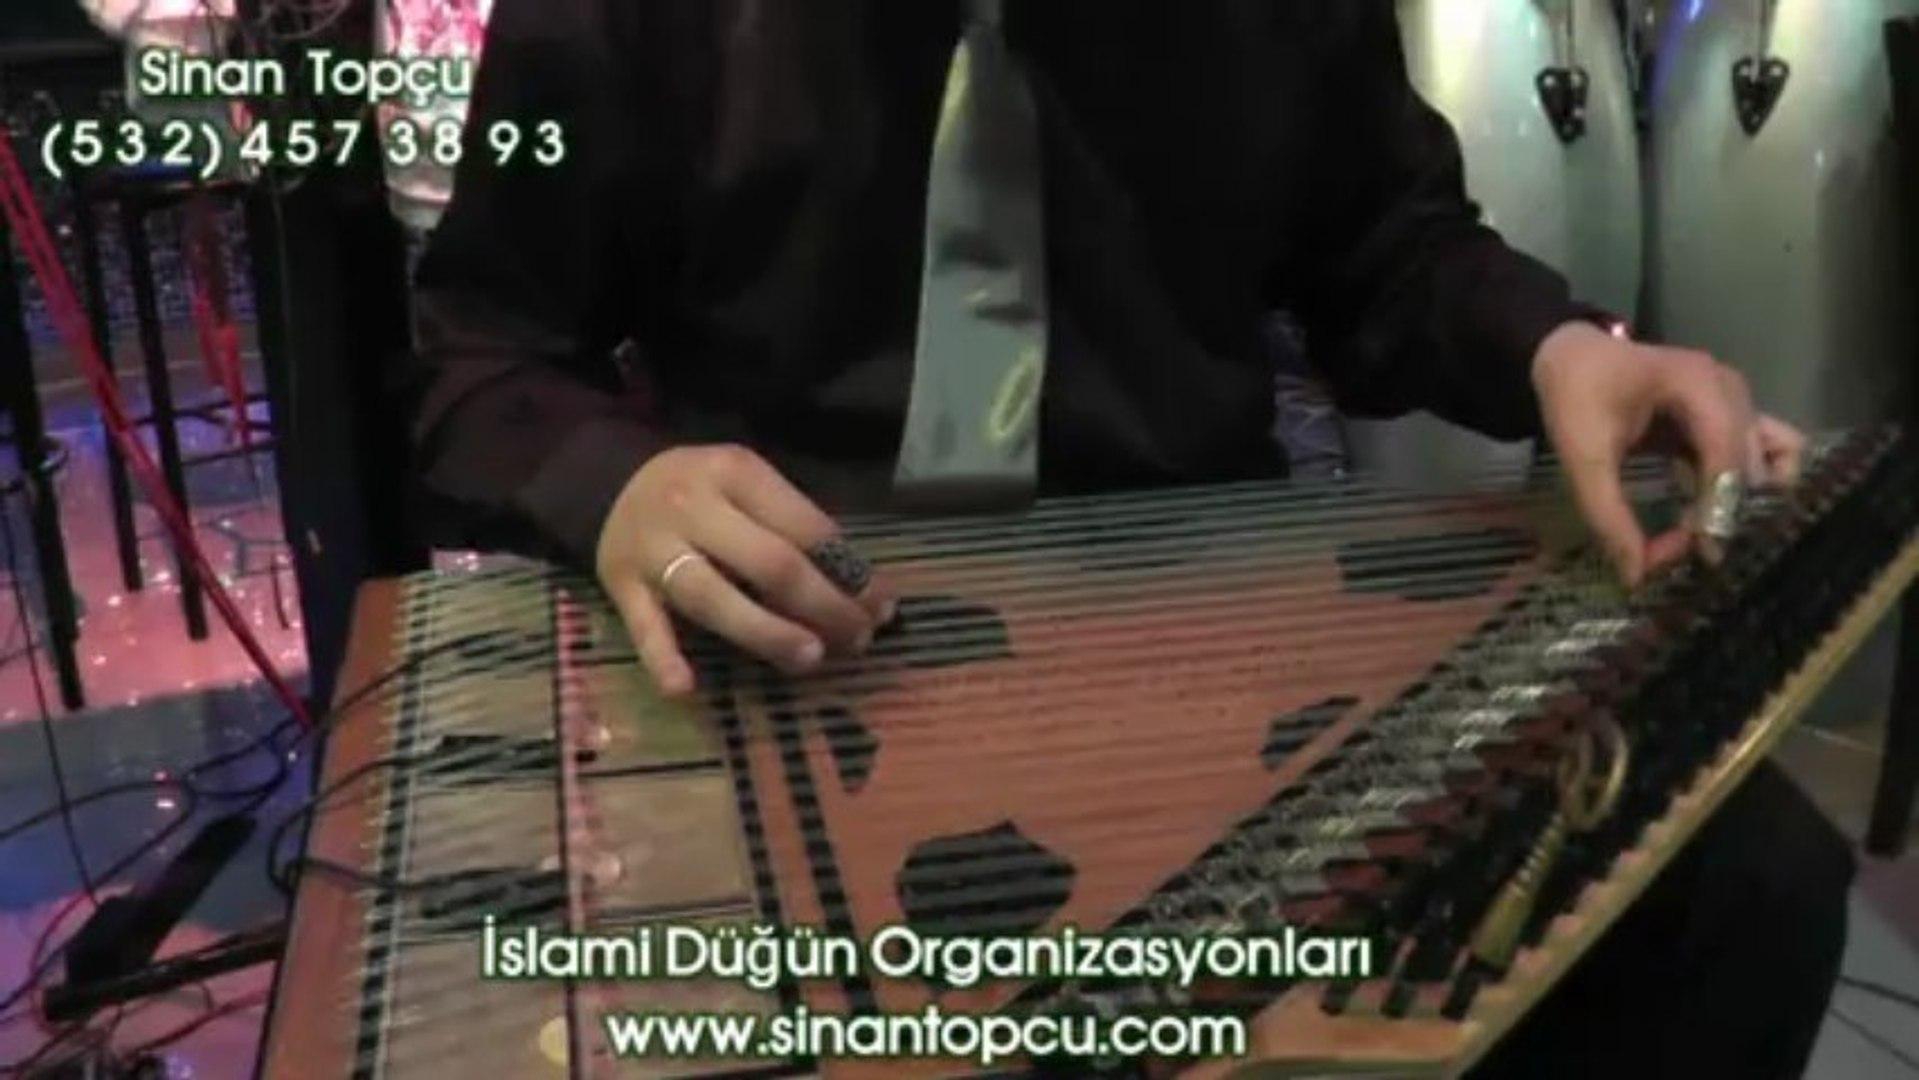 islami sünnet düğün organizasyonları, islami sünnet düğünleri, sünnet düğünü giriş müzikleri